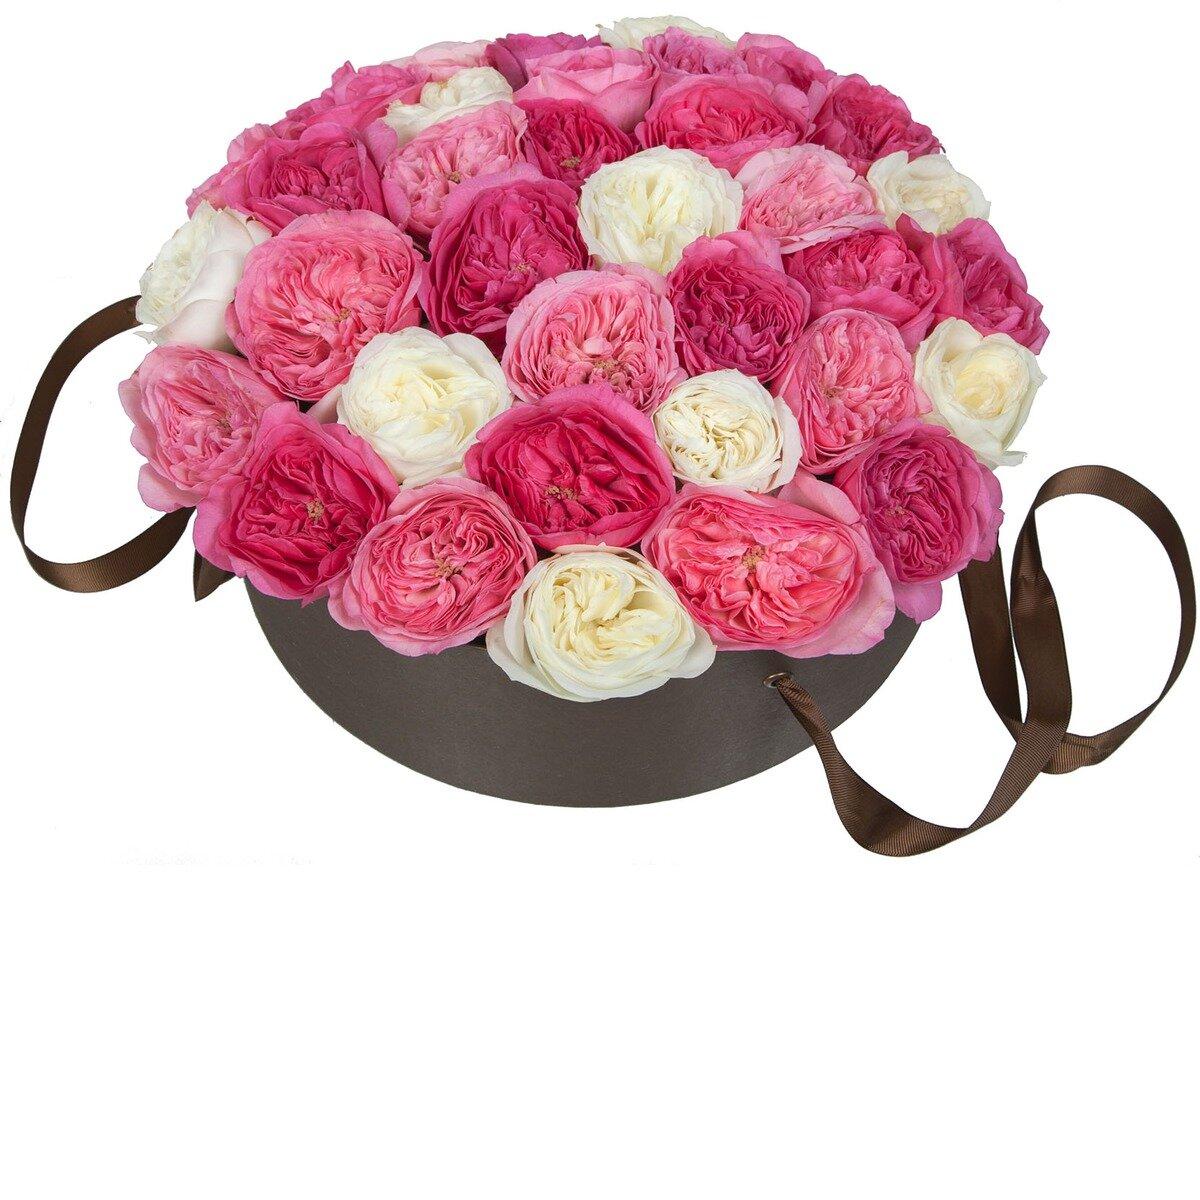 Заказ цветов с доставкой киев недорого, цветы купить